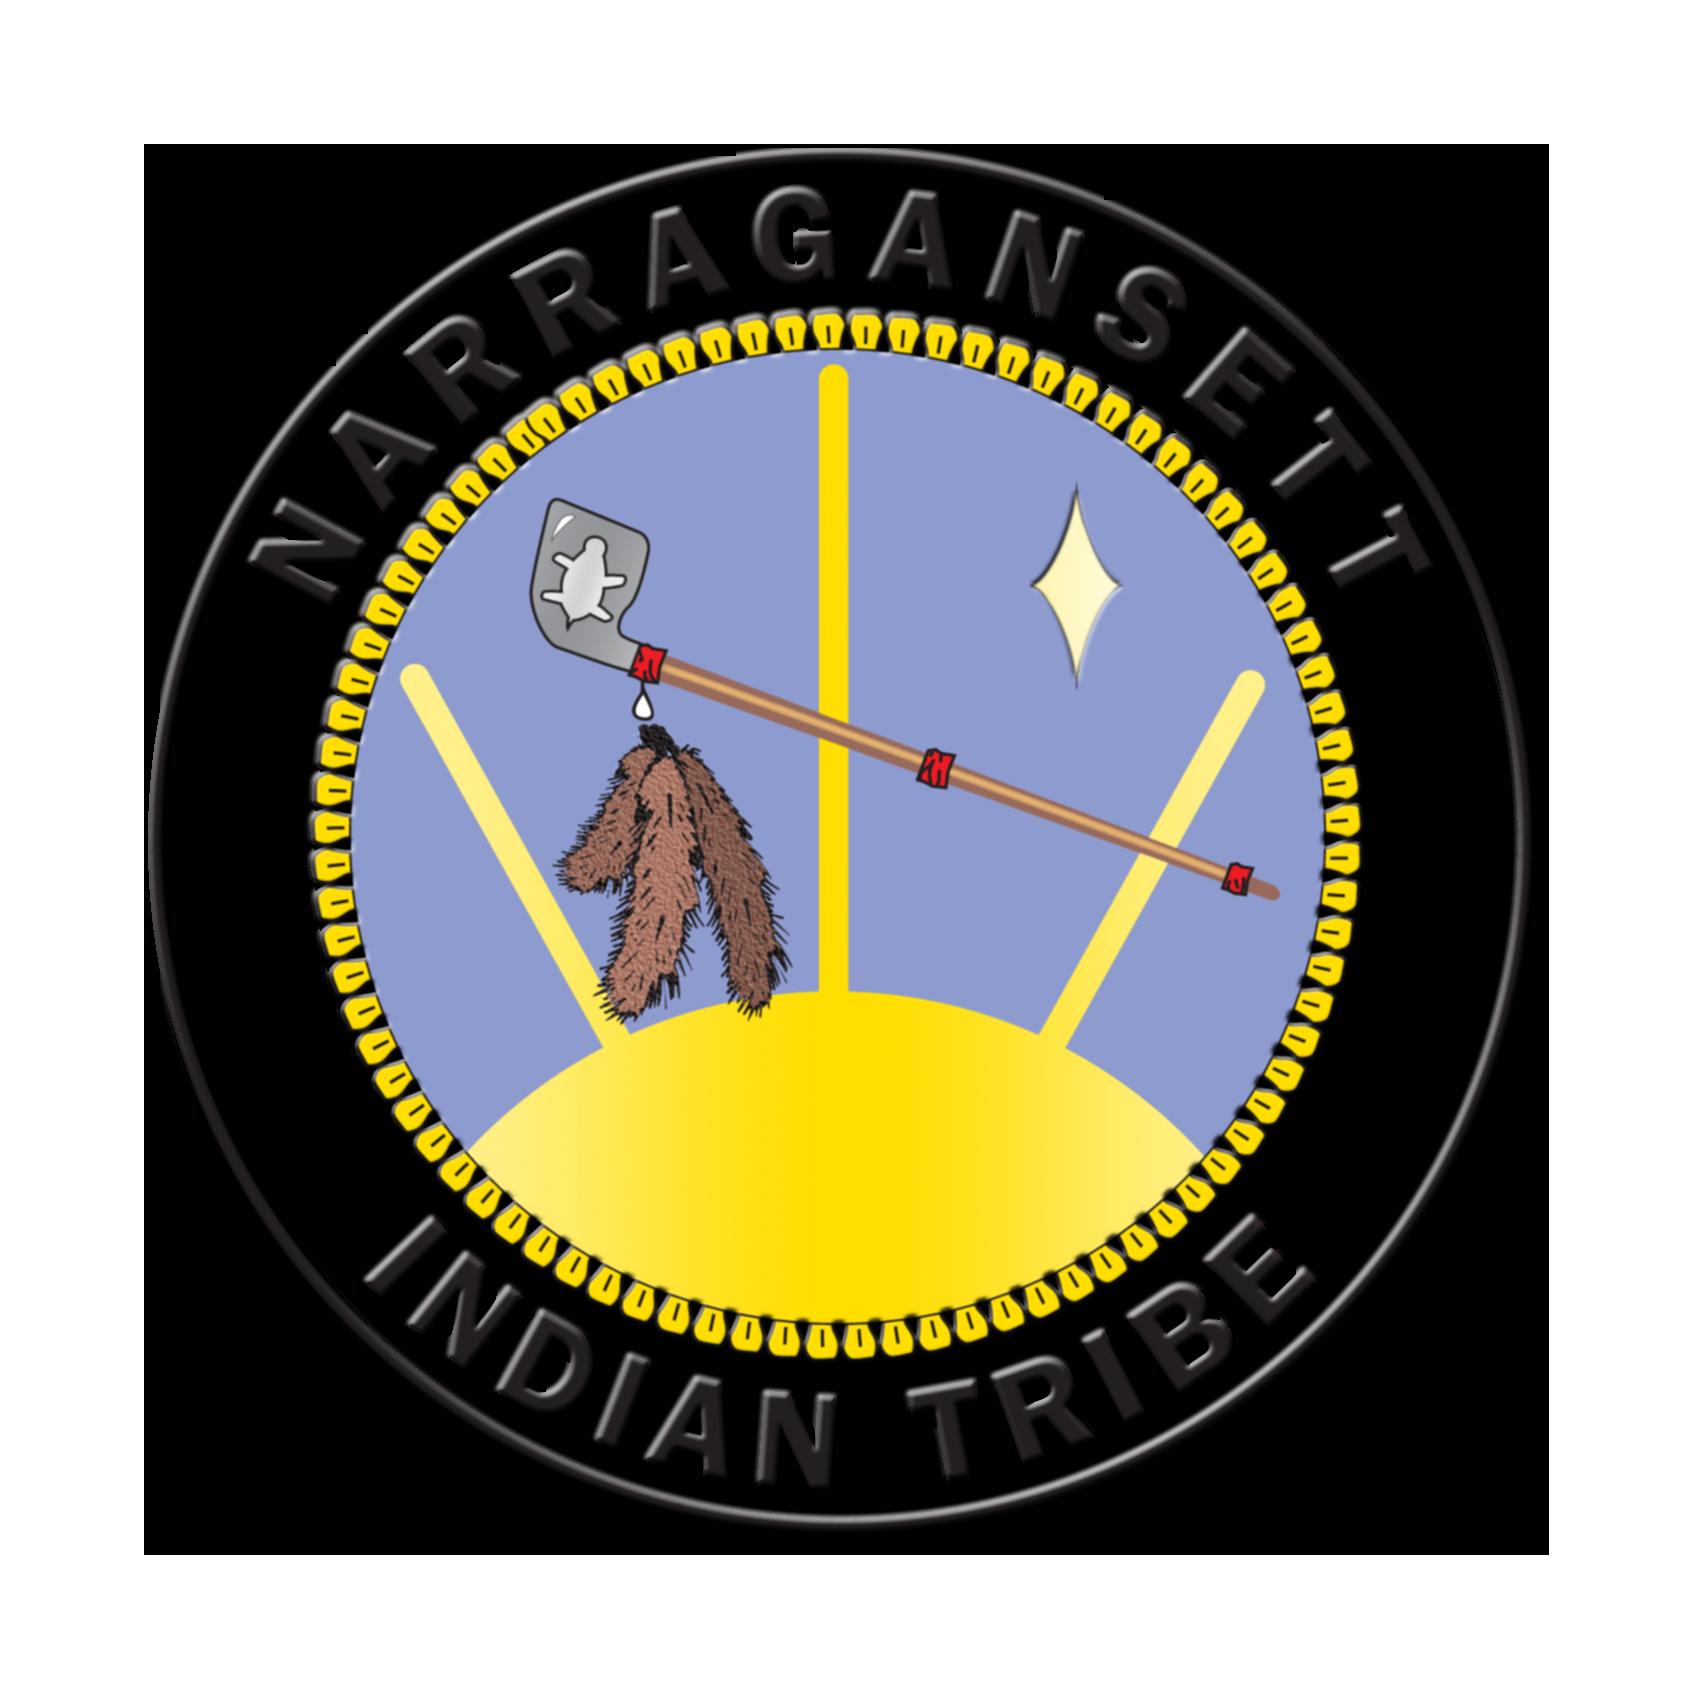 narragansett indian logo